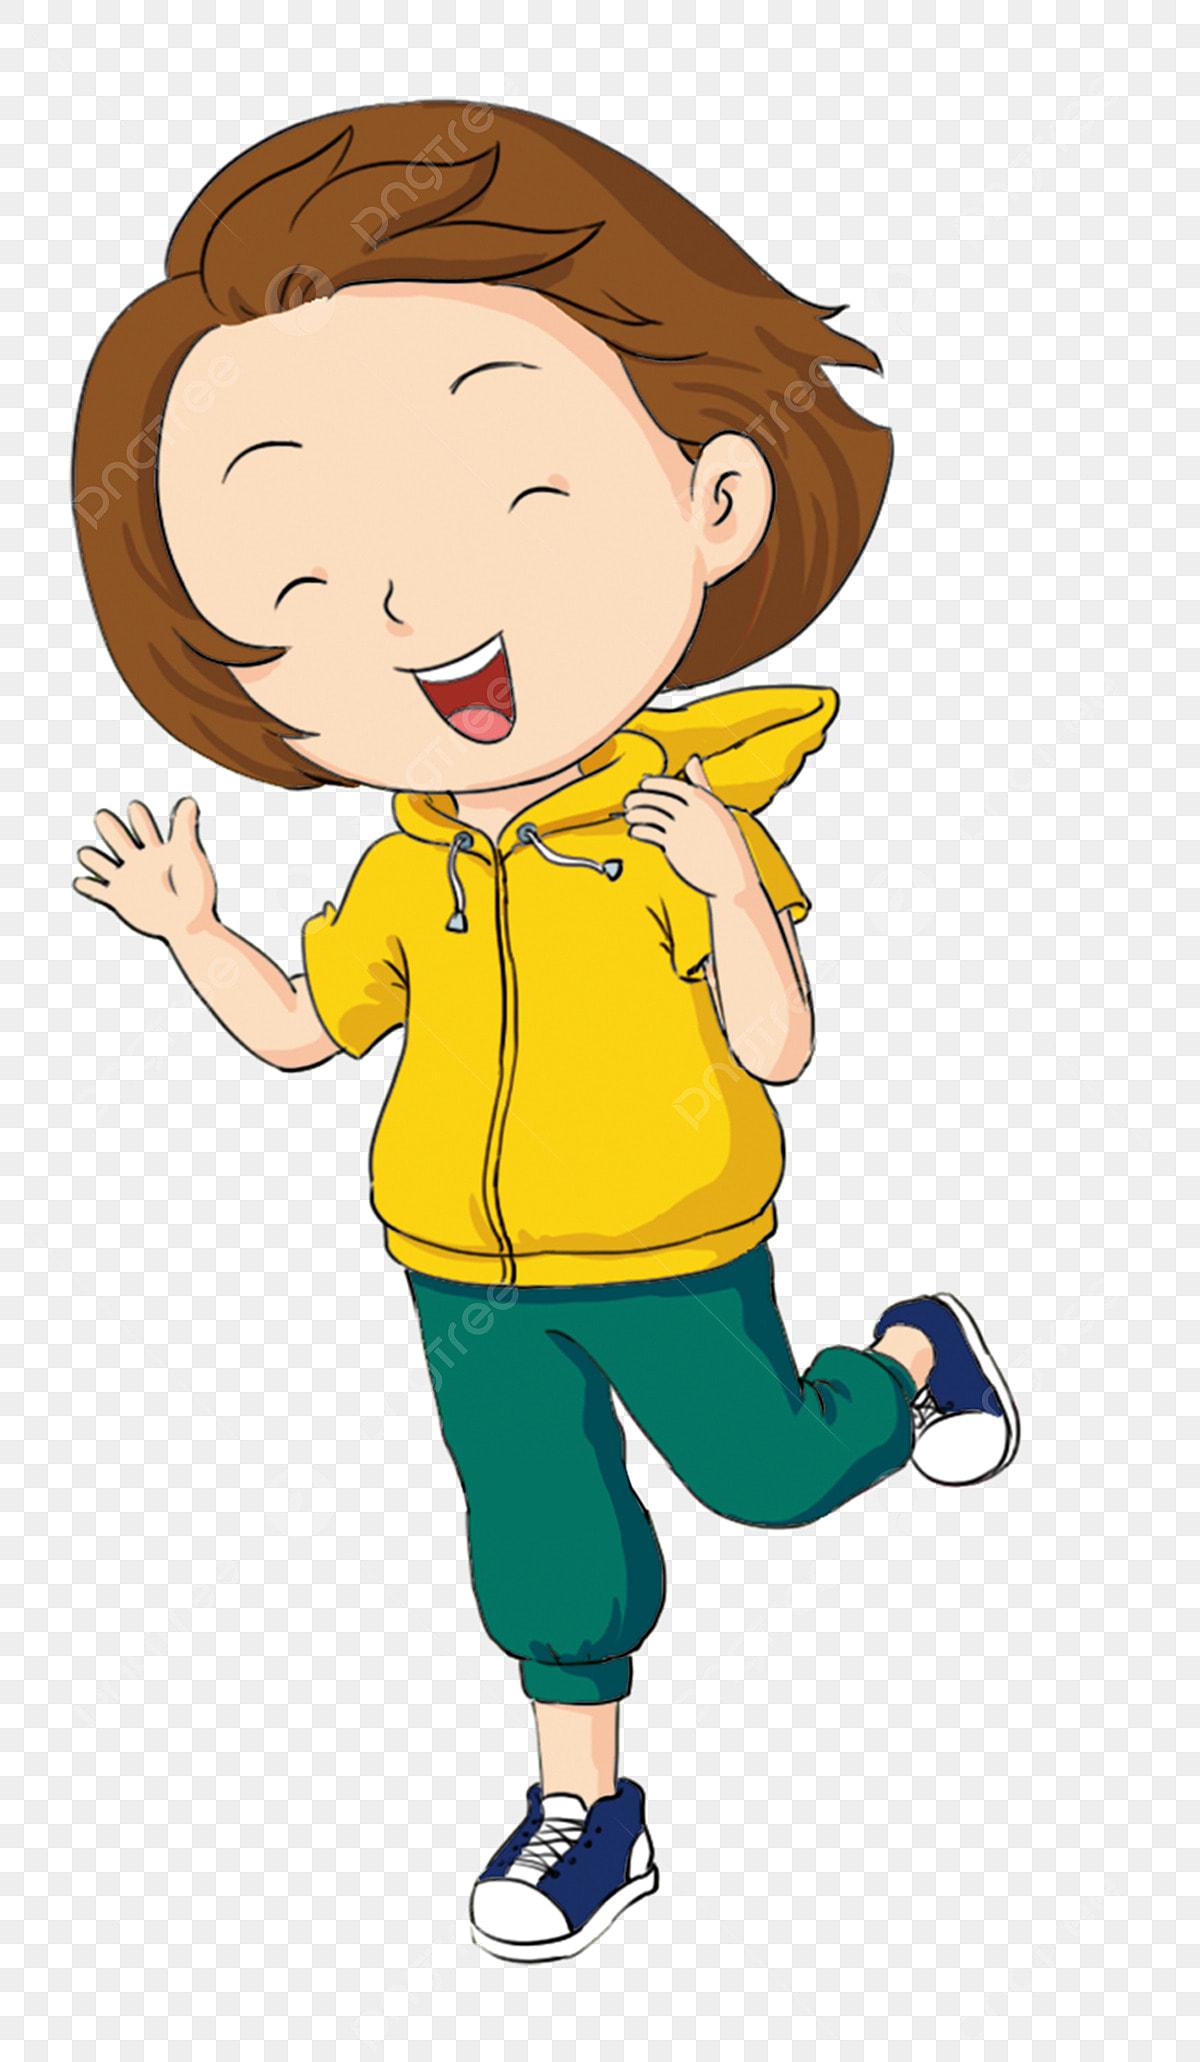 Image Happy Children's Day | Imagenes de niños felices, Caricaturas de  niños, Dibujos para niños